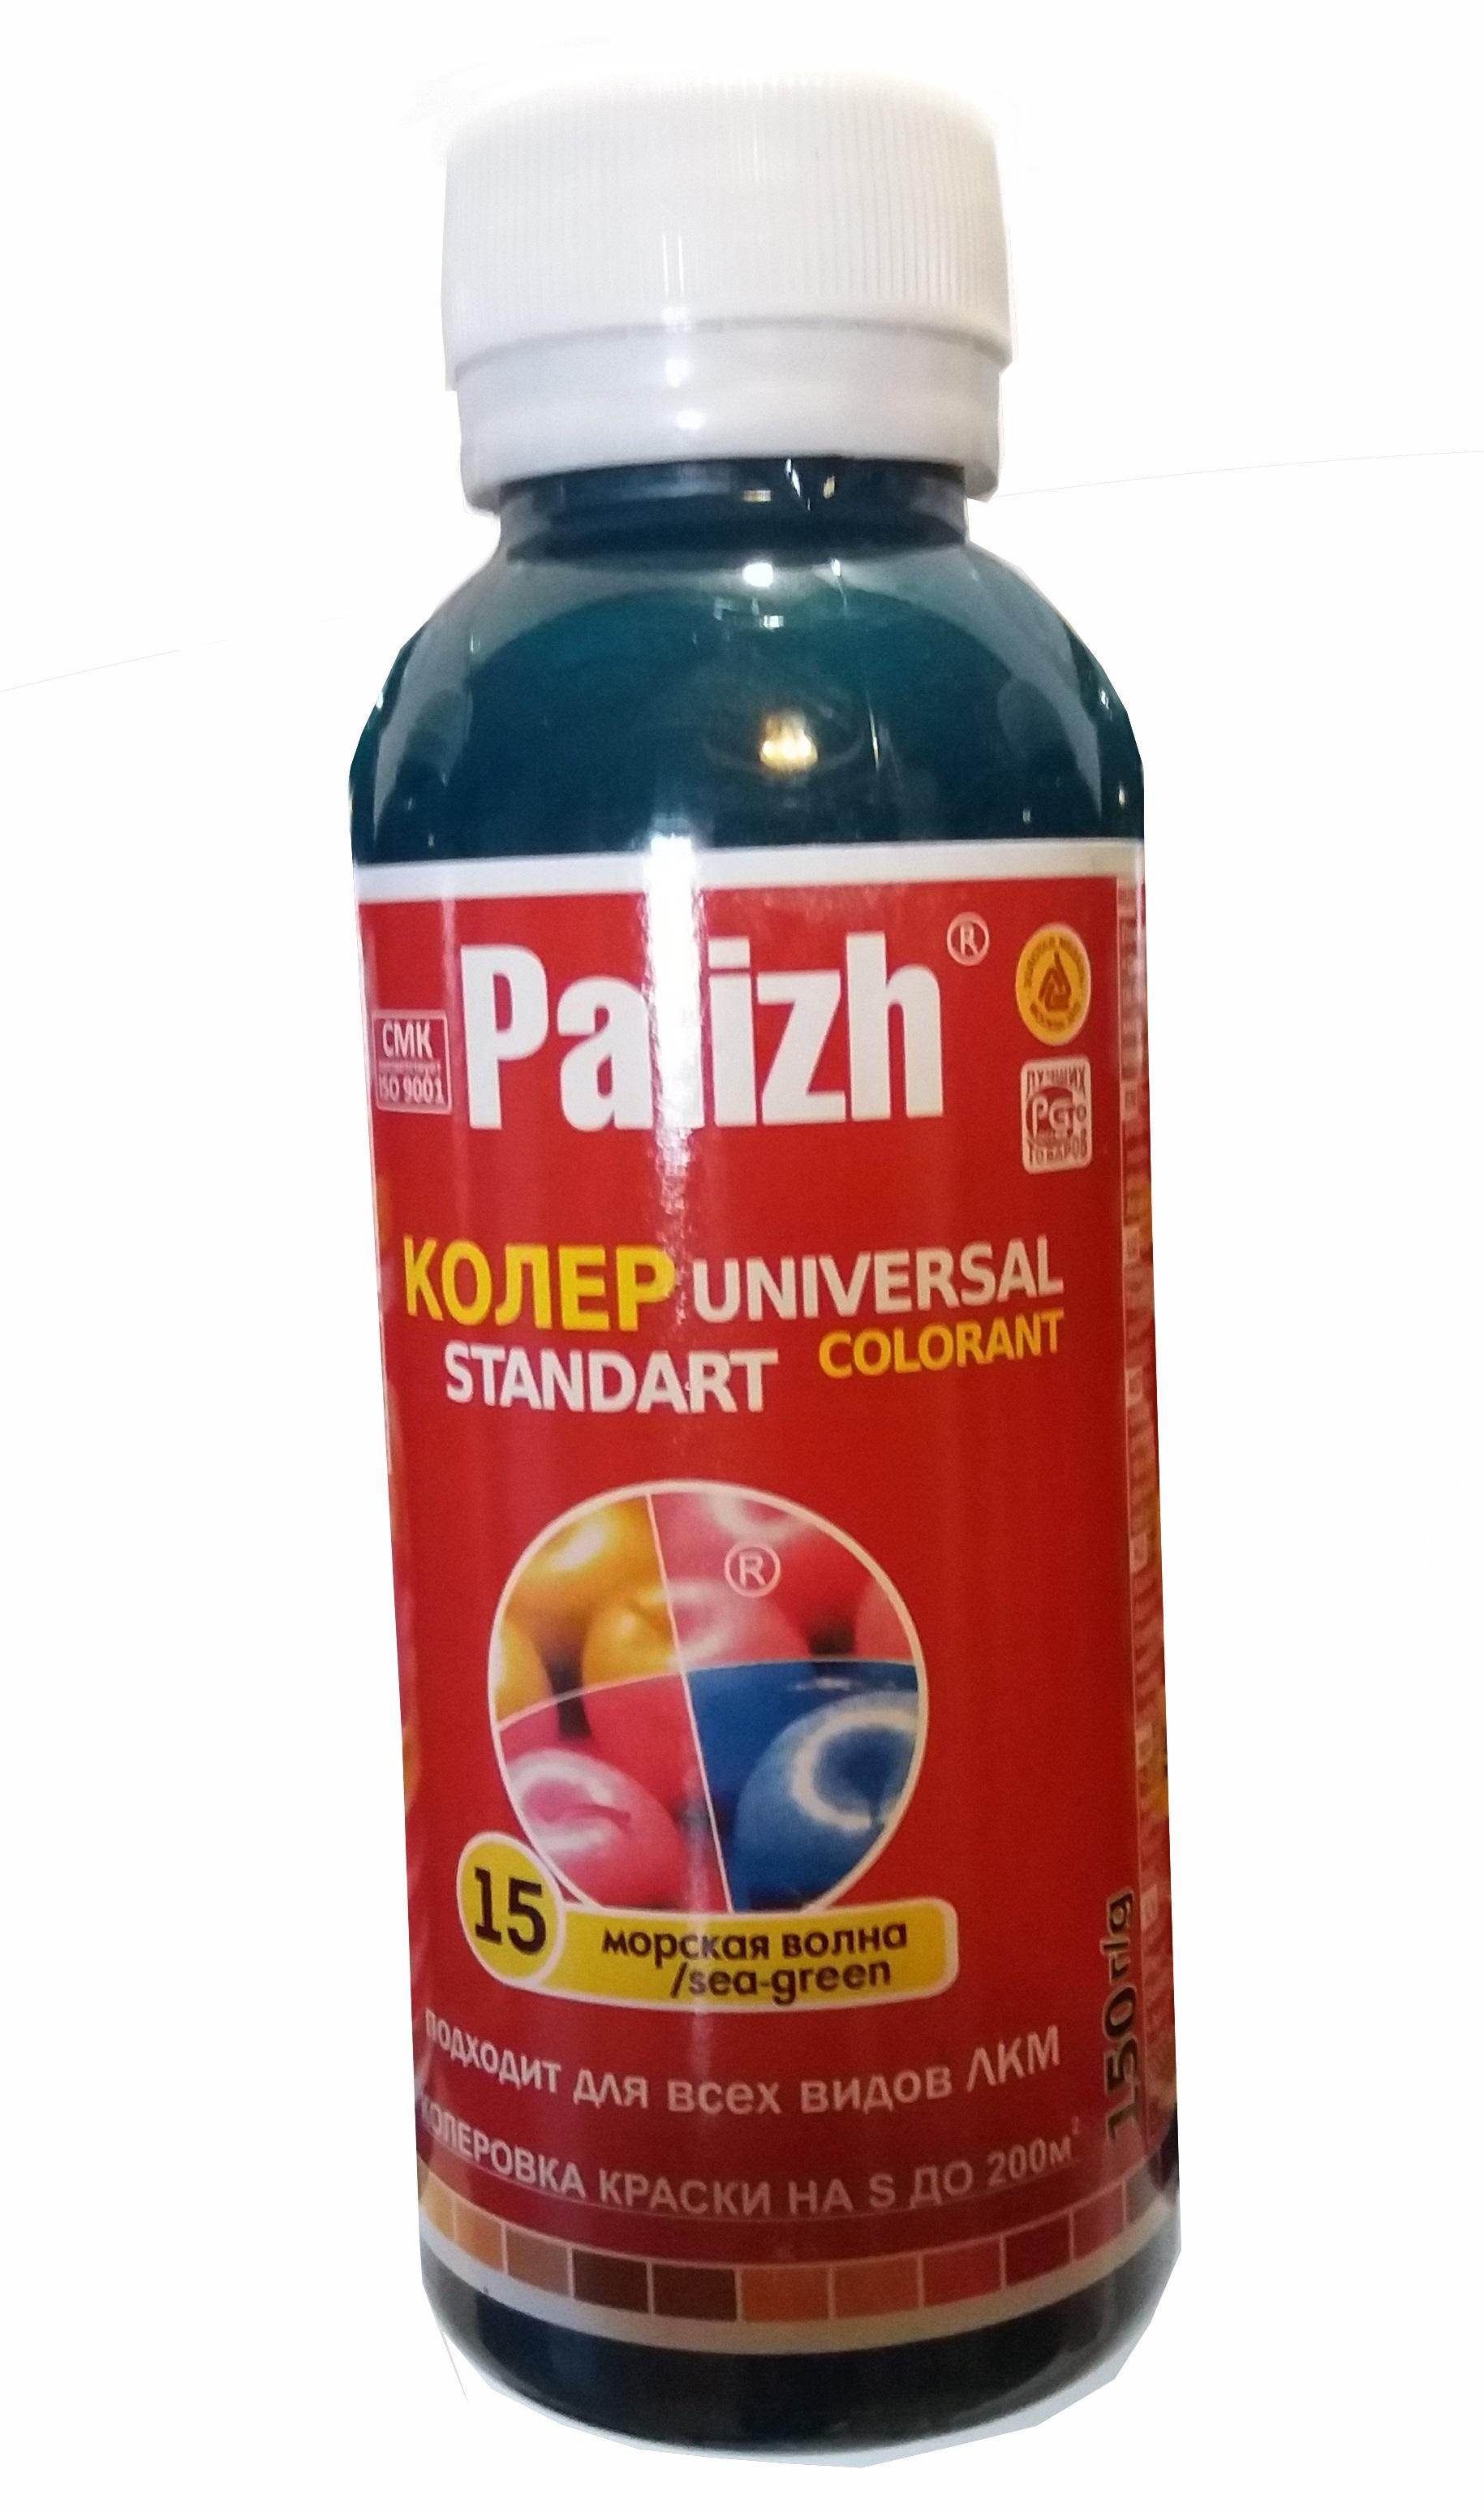 Колер универсальный Palizh №15 морс.волна 100мл - фото